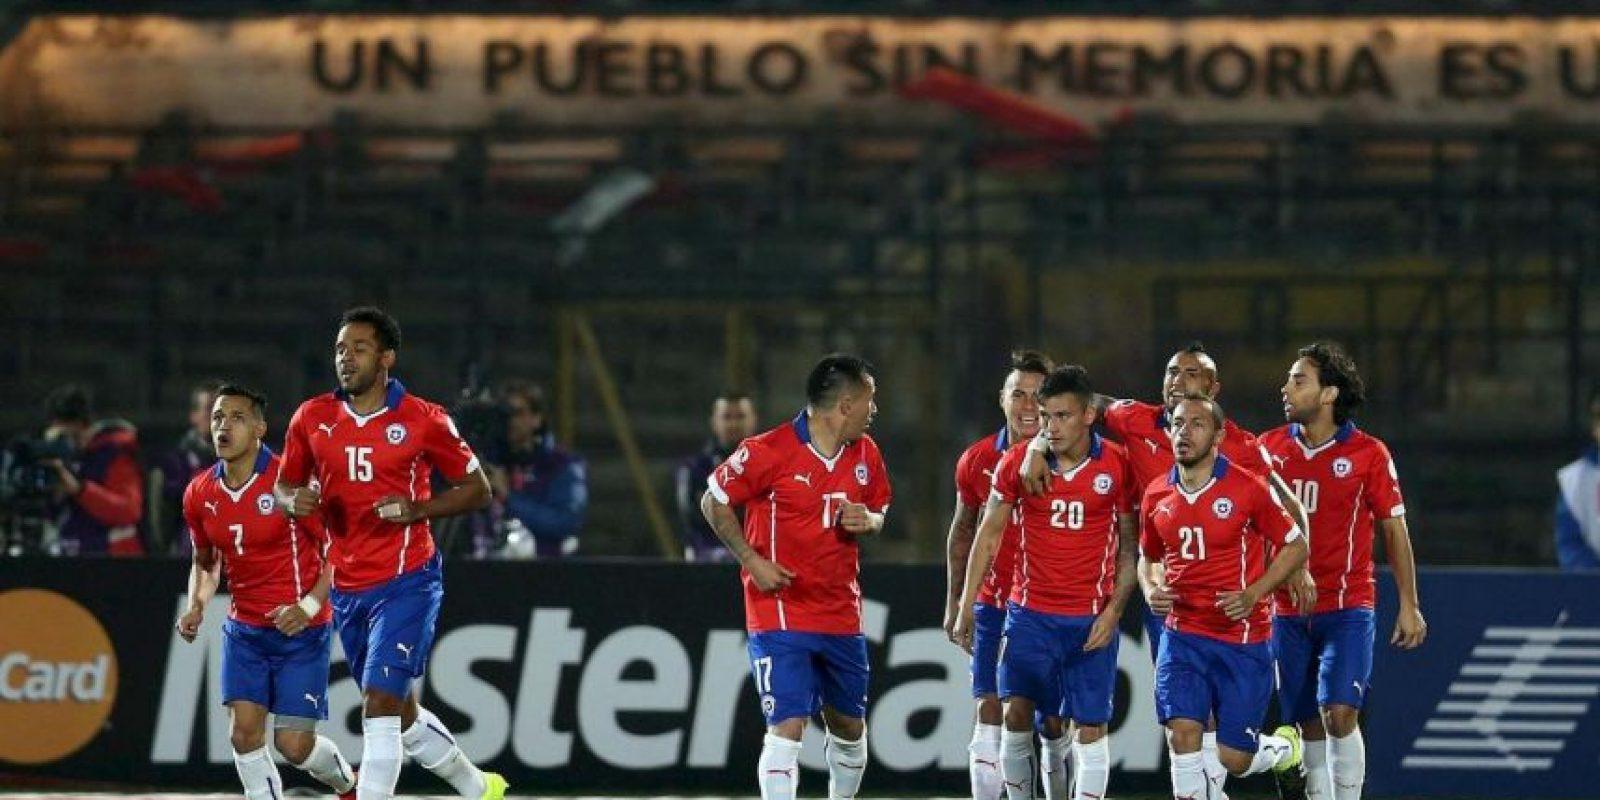 Sin embargo, el torneo ha estado lleno de sinsabores para el equipo chileno al cual se le niega la corona continental. Foto:Vía facebook.com/SeleccionChilena